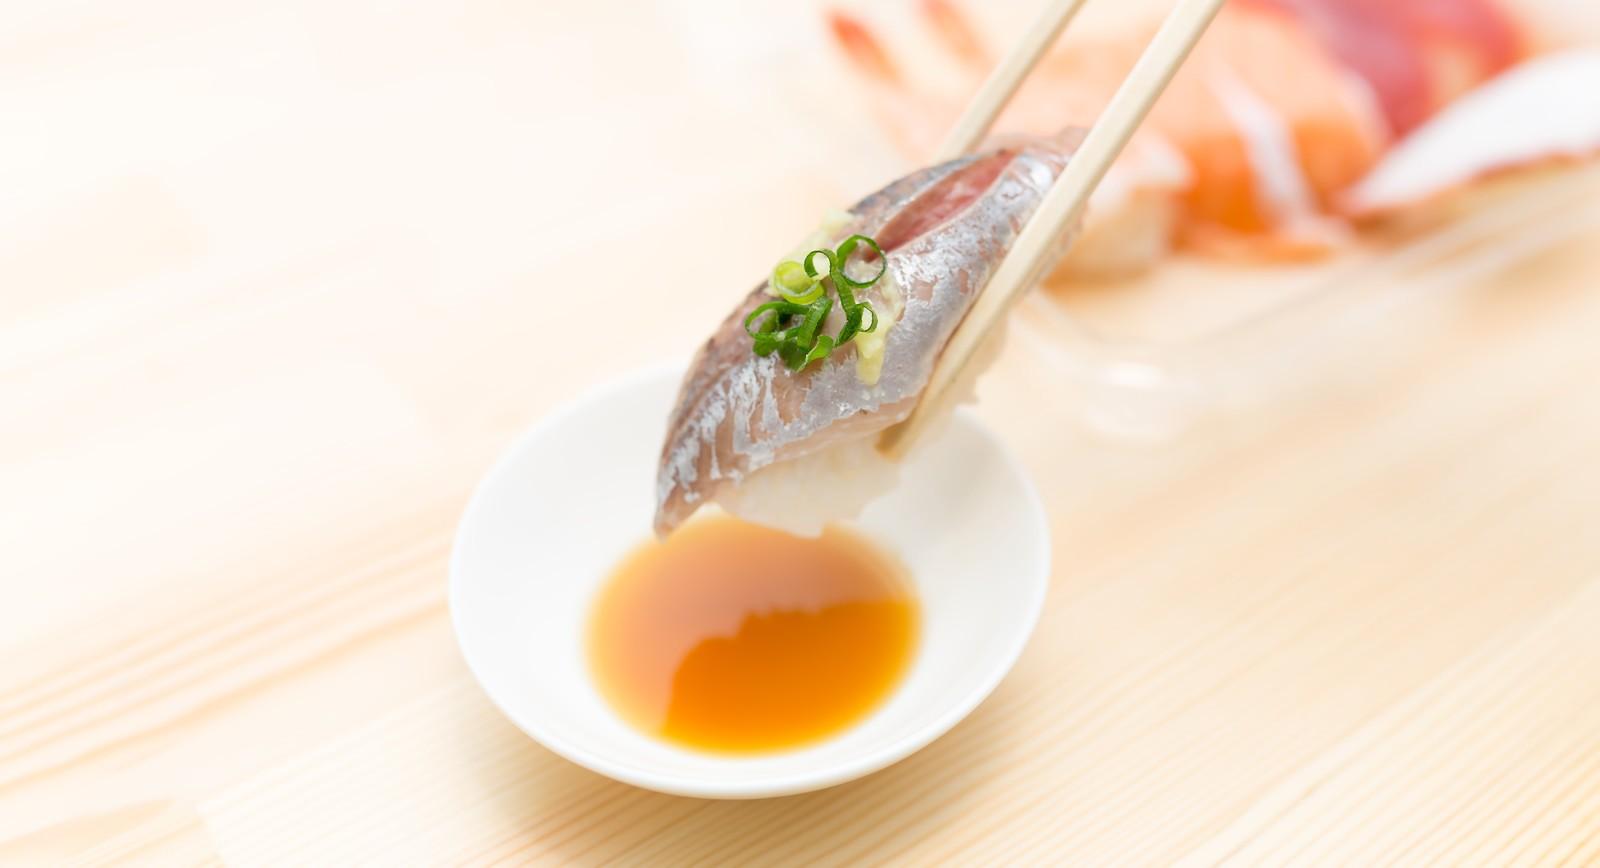 新宿の回転寿司おすすめランキング!安いし美味しいお店はどこ?